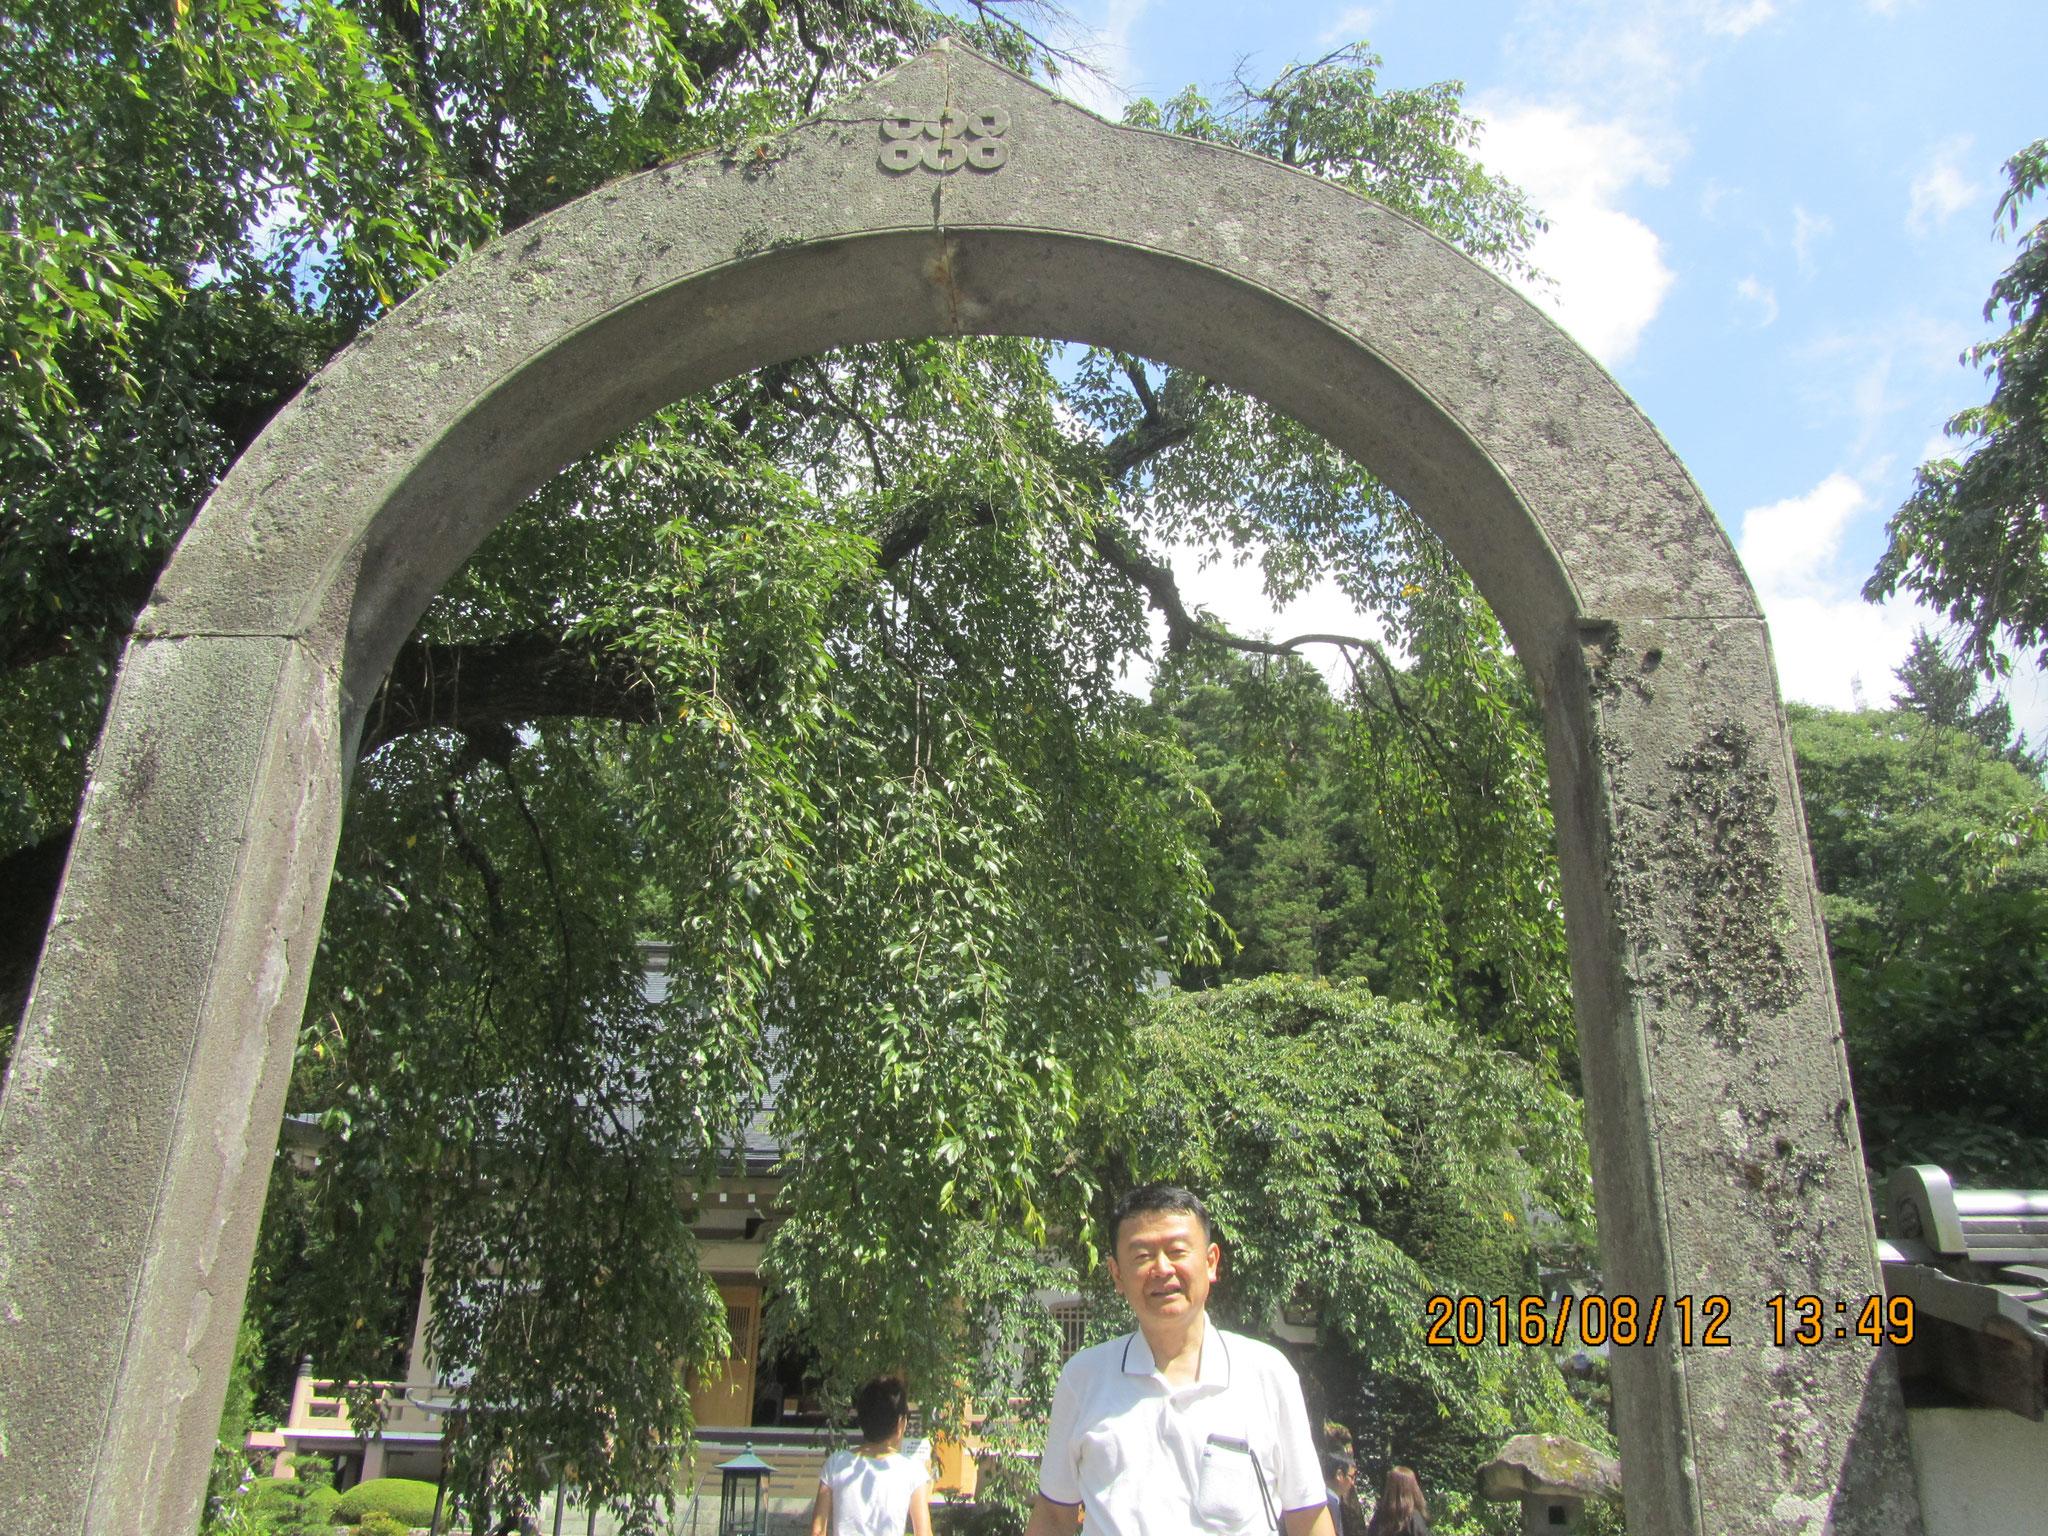 長谷寺(ちょうこくじ)。真田家の菩提寺です。アーチ型の石門は創建当時の物で、上部に刻まれた六文銭は真田家の矜持(きょうじ)を示しています。